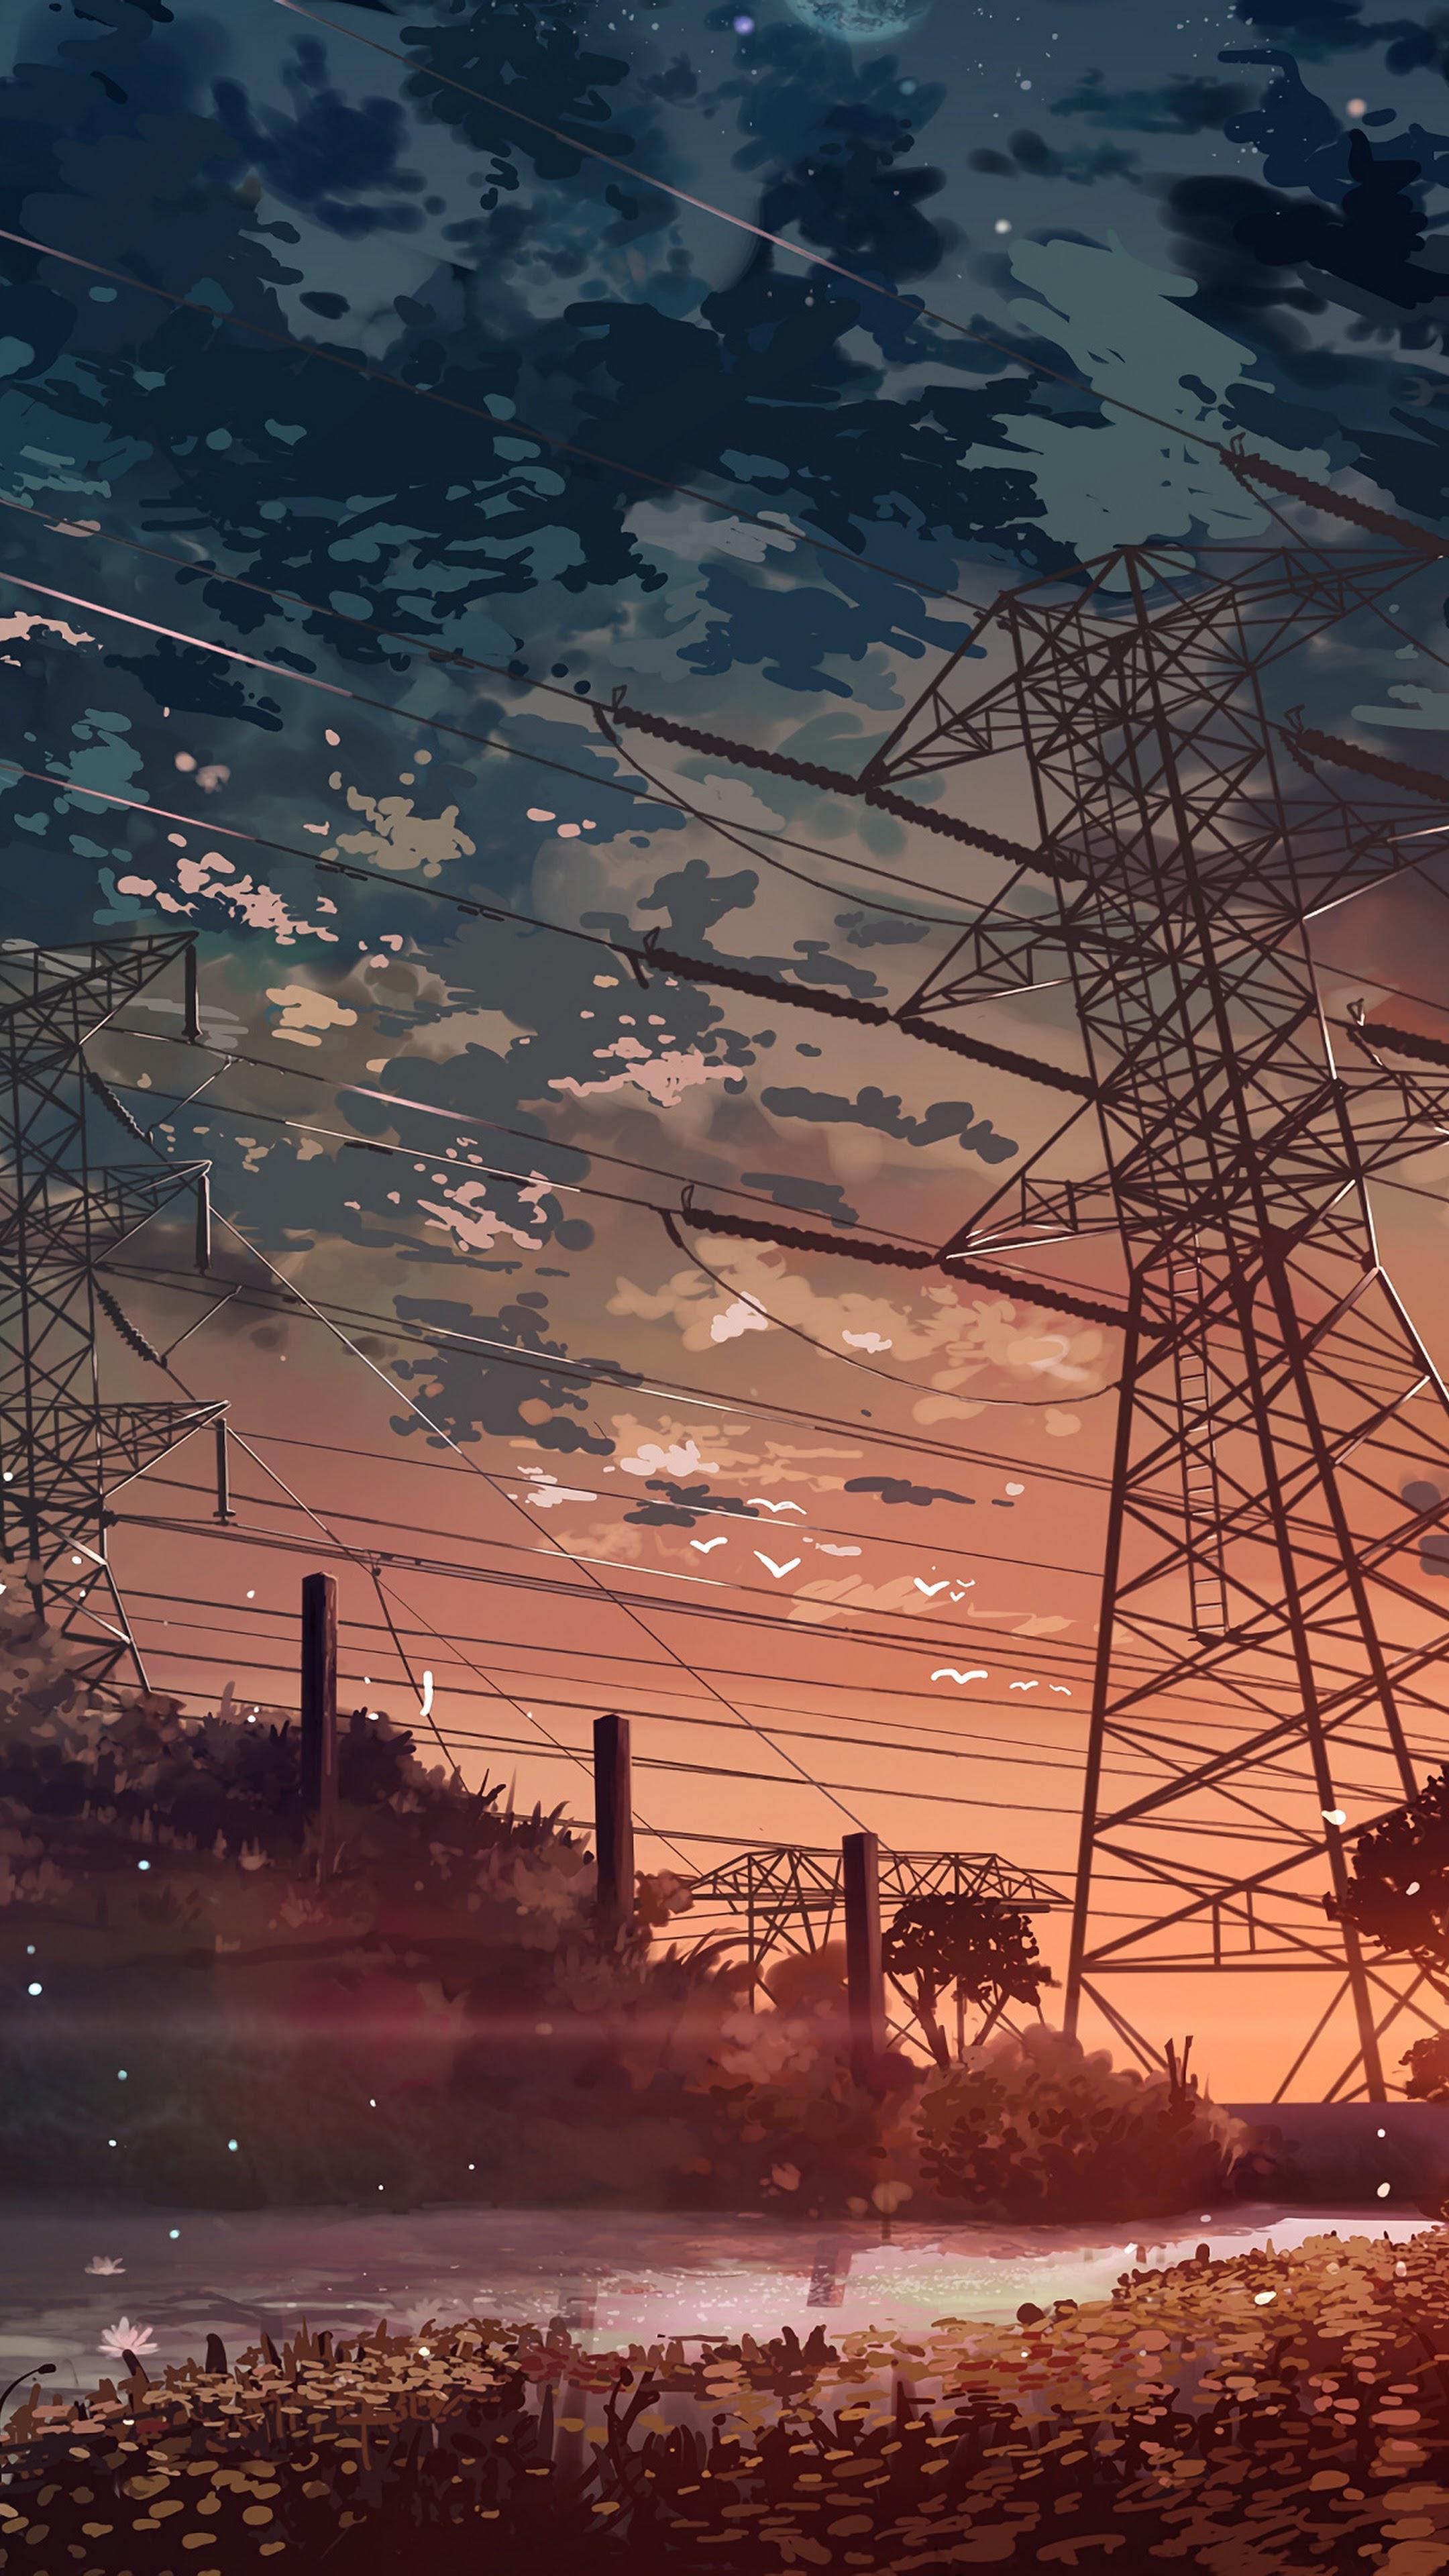 Anime Scenery Sunset 4k Wallpaper 112